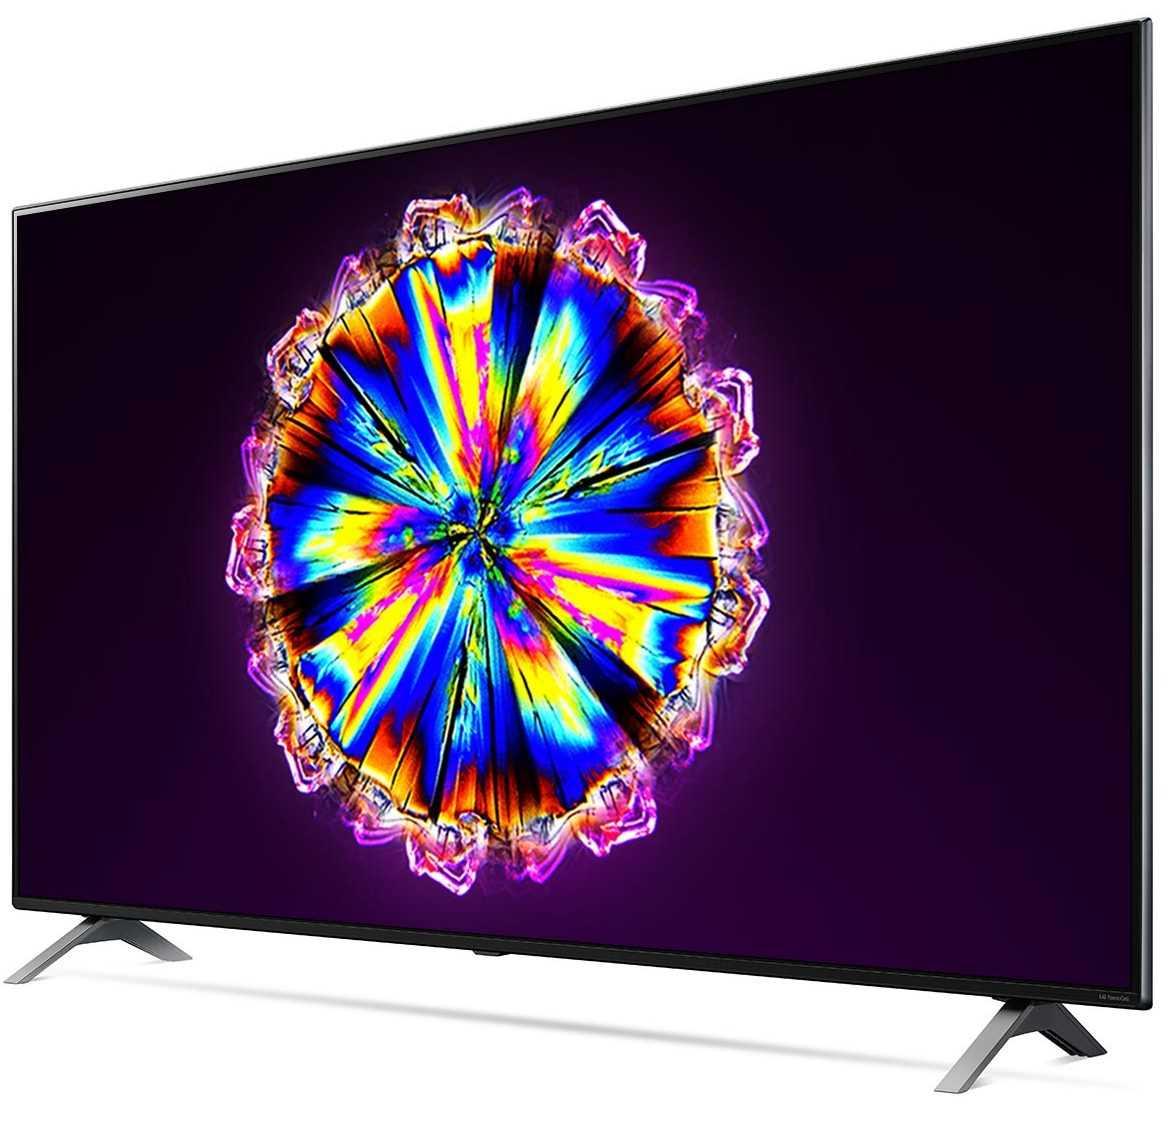 טלוויזיה בגודל 55